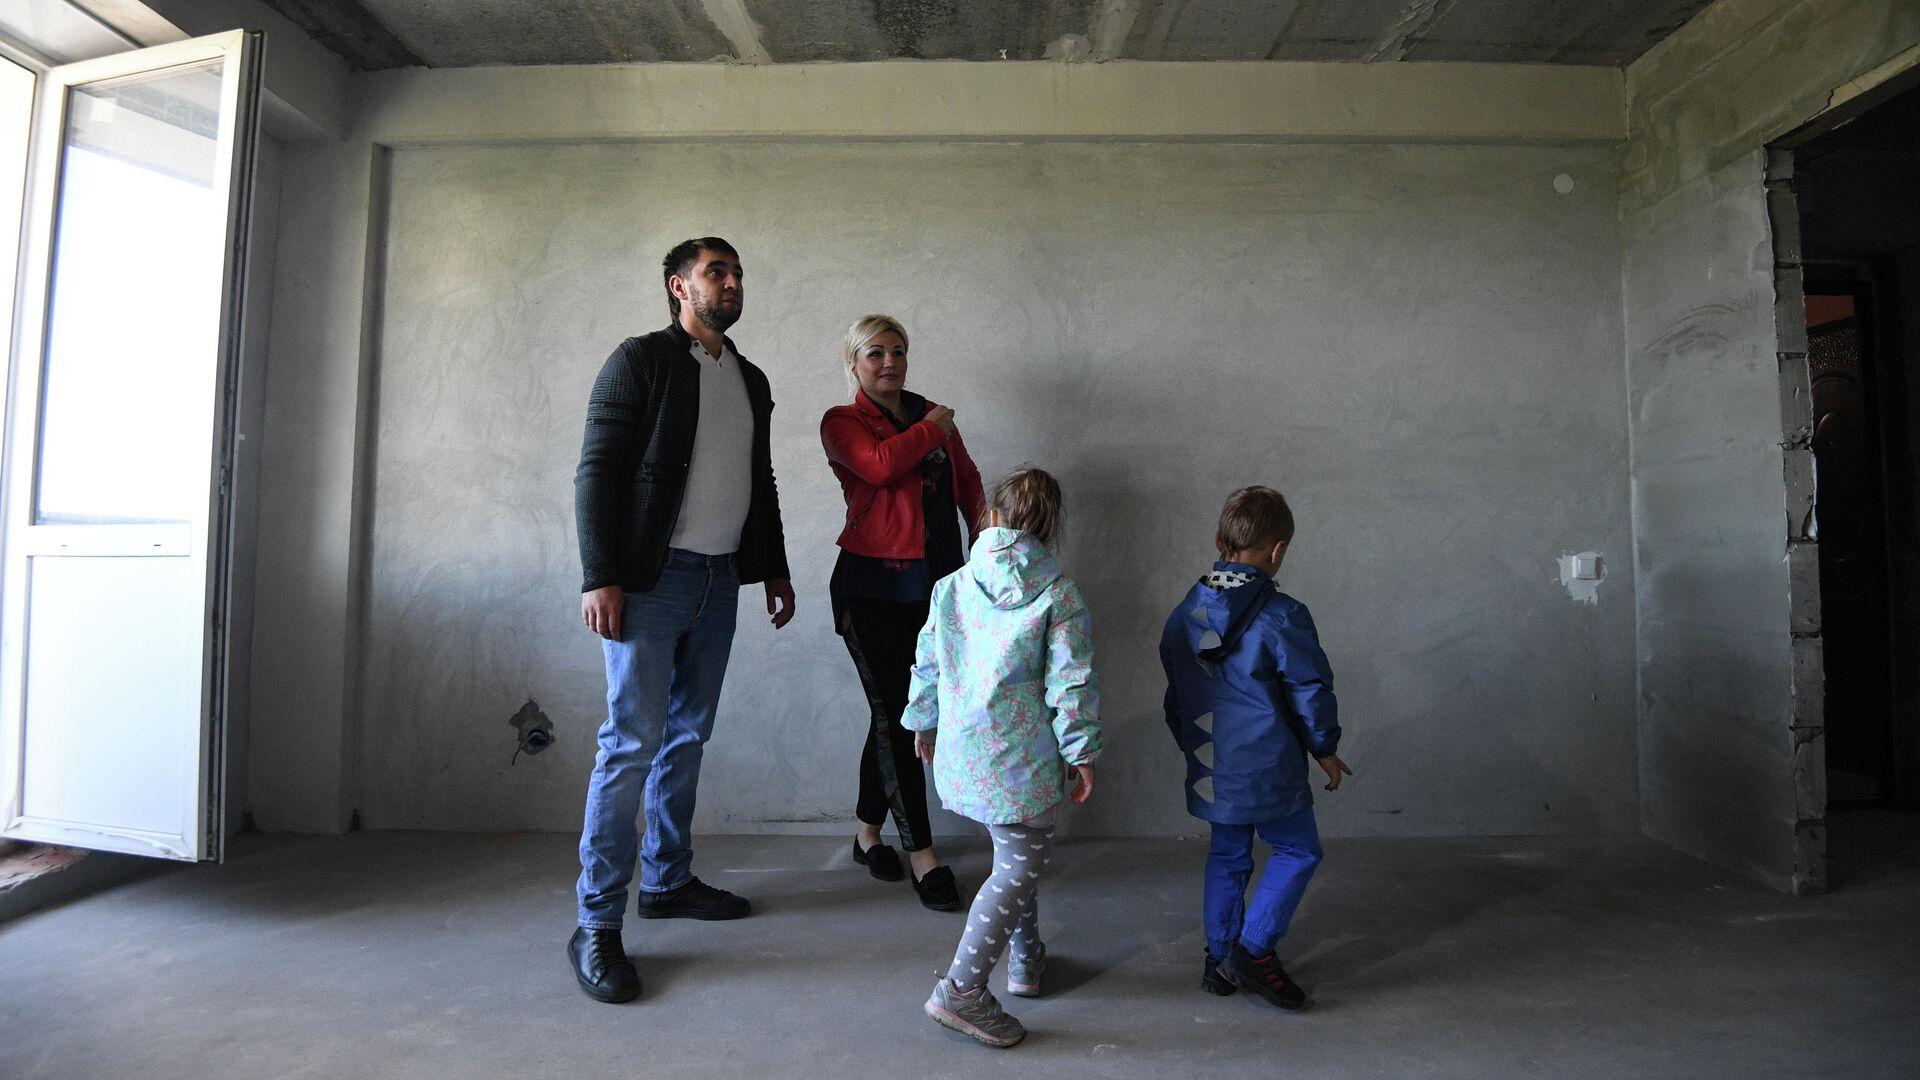 Семья осматривает квартиру нового дома - РИА Новости, 1920, 02.02.2021